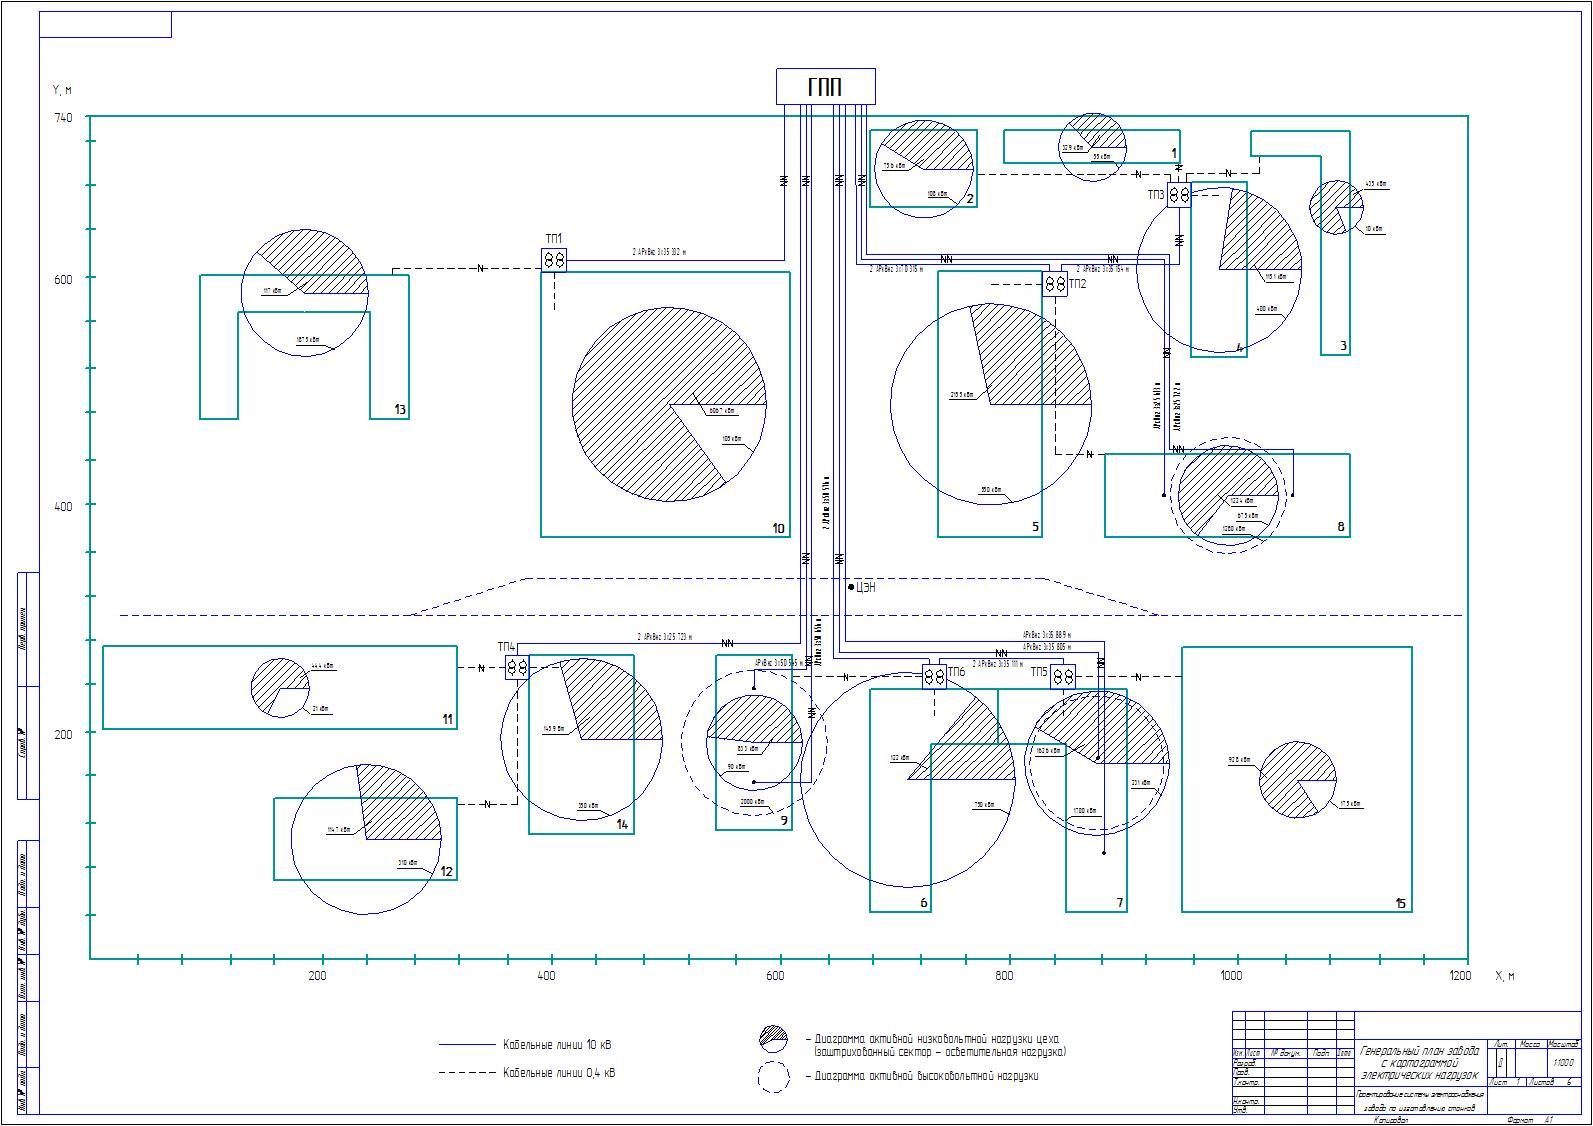 Проектирование системы электроснабжения завода по изготовлению  Проектирование системы электроснабжения завода по изготовлению станков Привет Студент